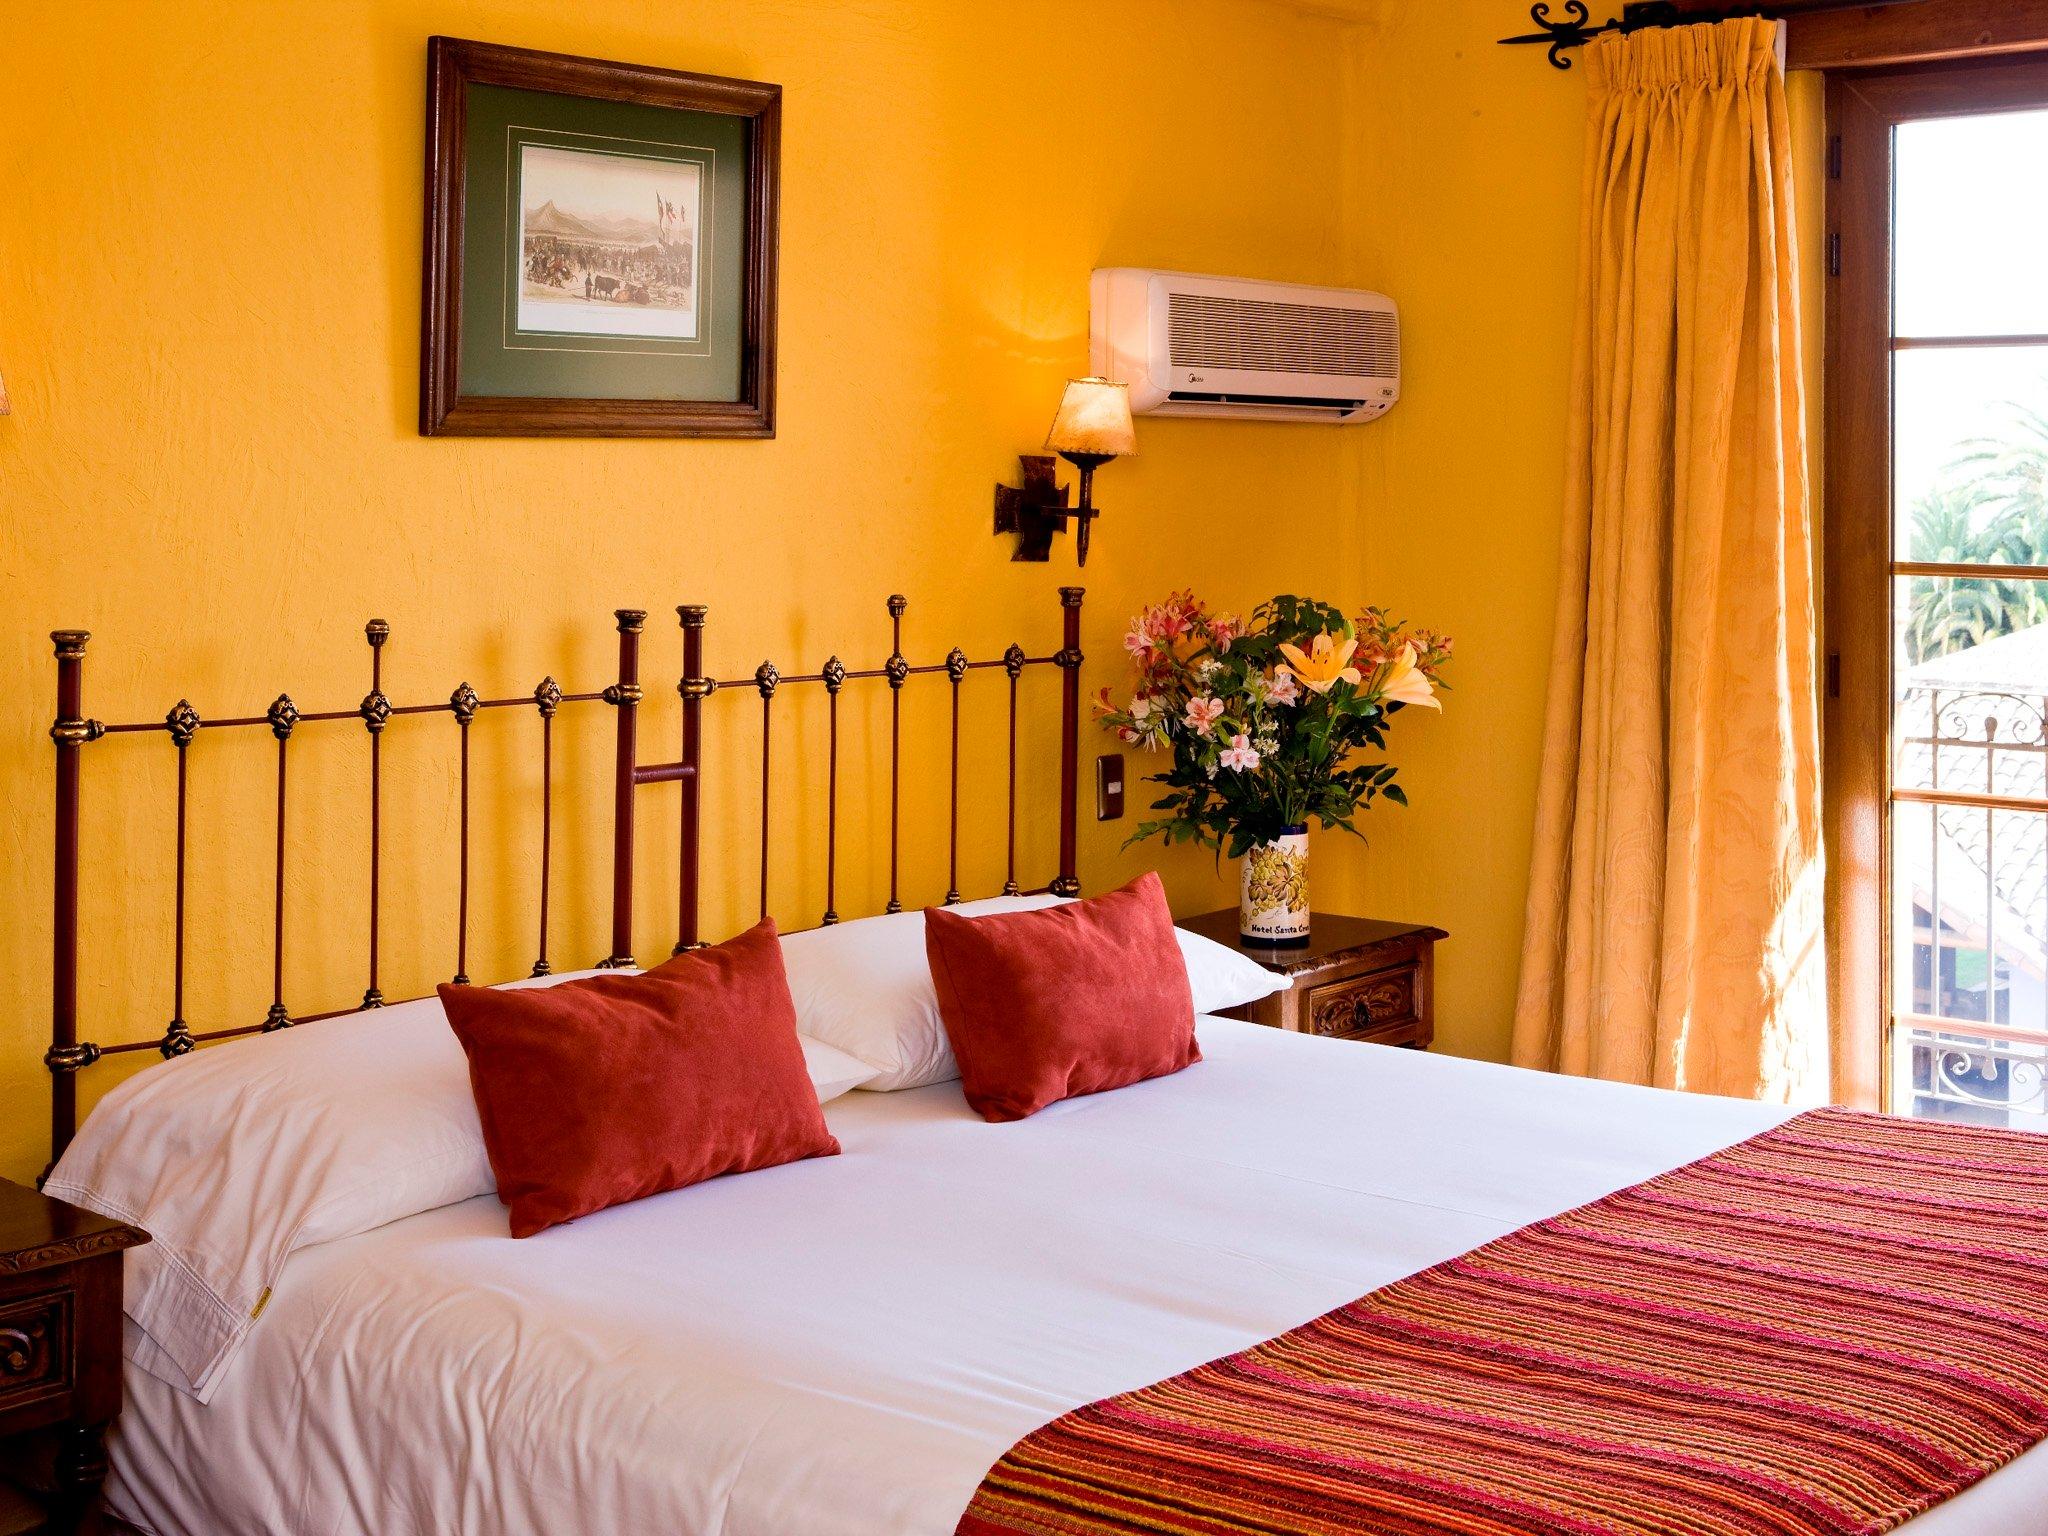 Habitación del Hotel Santa Cruz en Colchagua